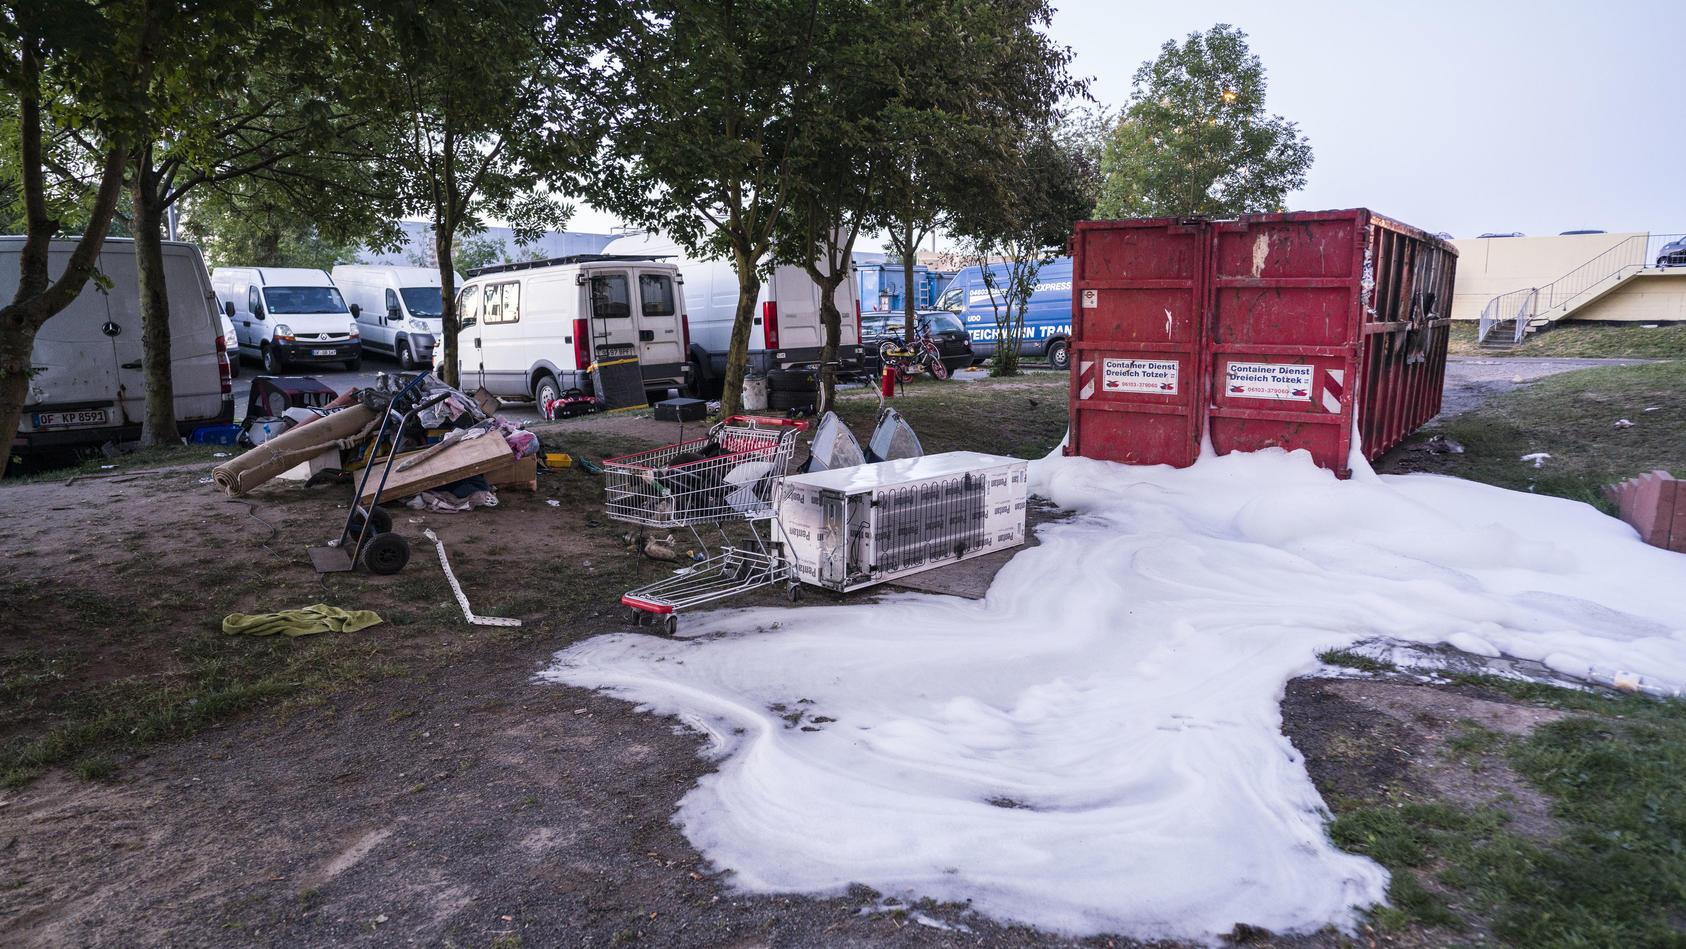 Etwa 50 Männer haben im hessischen Dietzenbach (Landkreis Offenbach) einen Brand gelegt und anschließend die Rettungskräfte angegriffen. Polizisten und Feuerwehrleute wurden bei ihrem Eintreffen von der Gruppe mit Steinen beworfen.